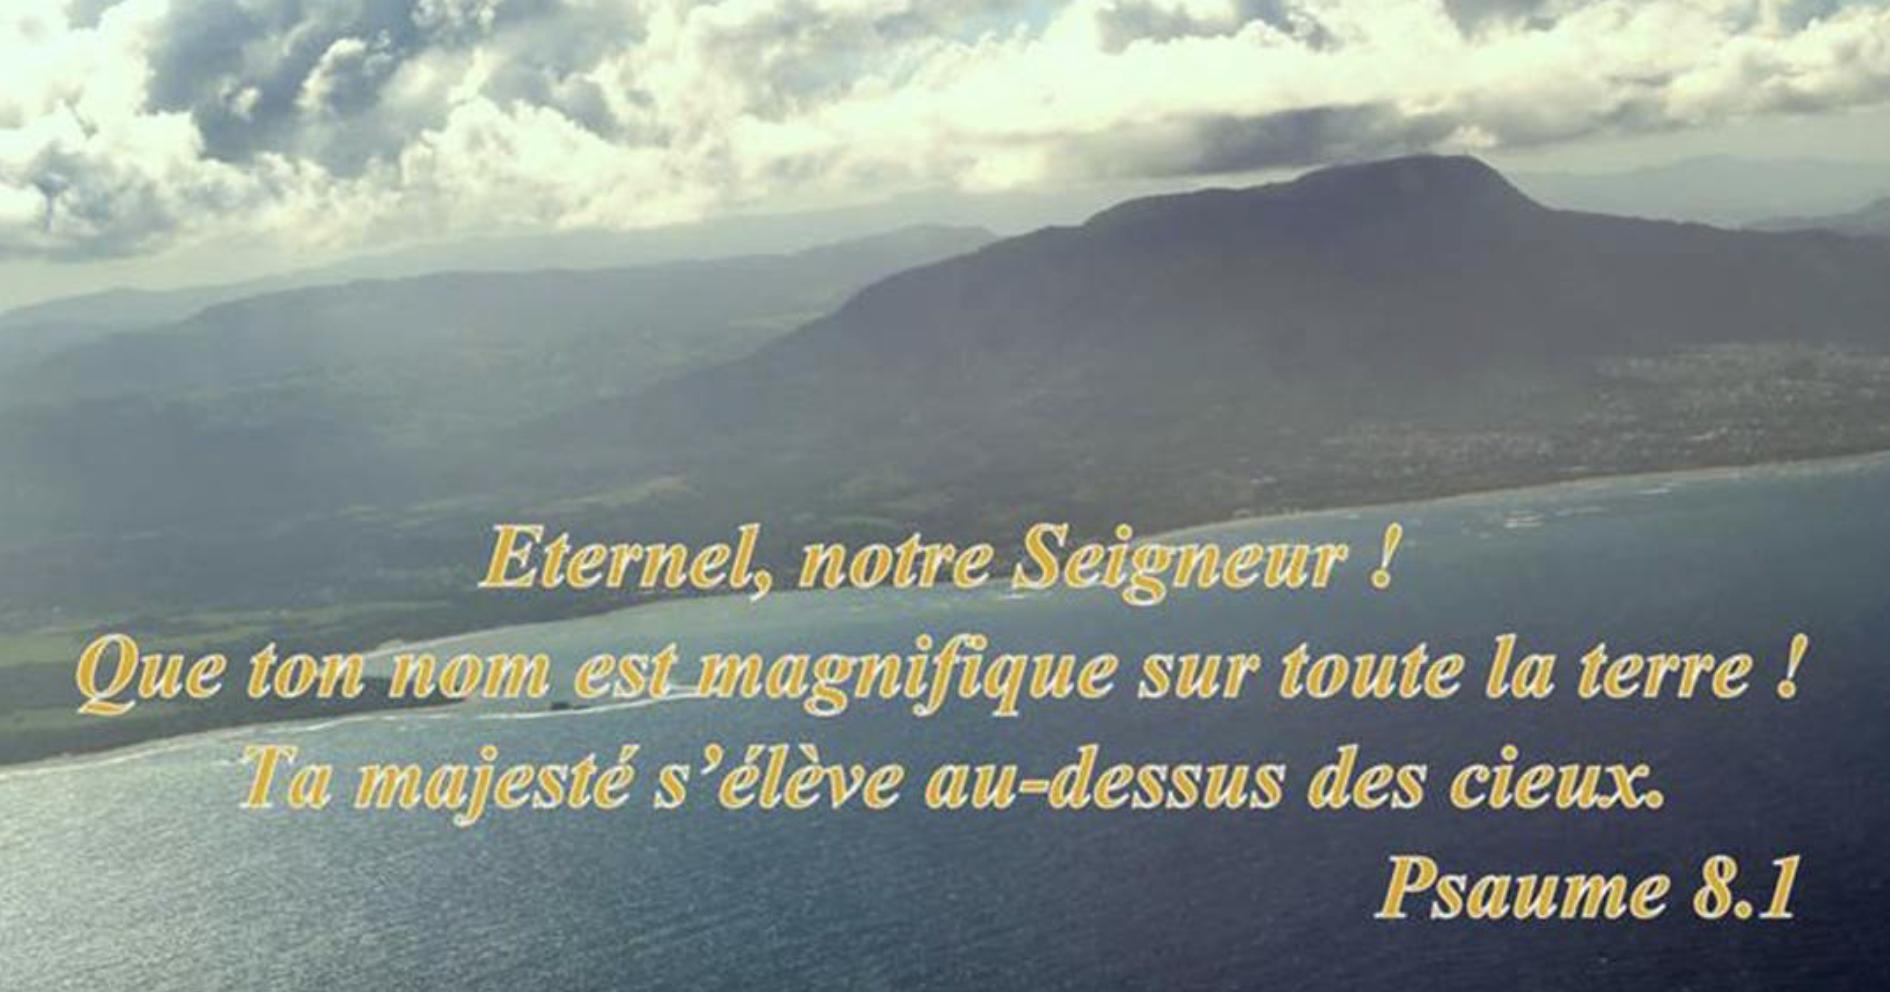 """""""Eternel, notre Seigneur! Que ton nom est magnifique sur toute la terre! Ta majesté s'élève au-dessus des cieux."""" (Psaumes 8:1)"""